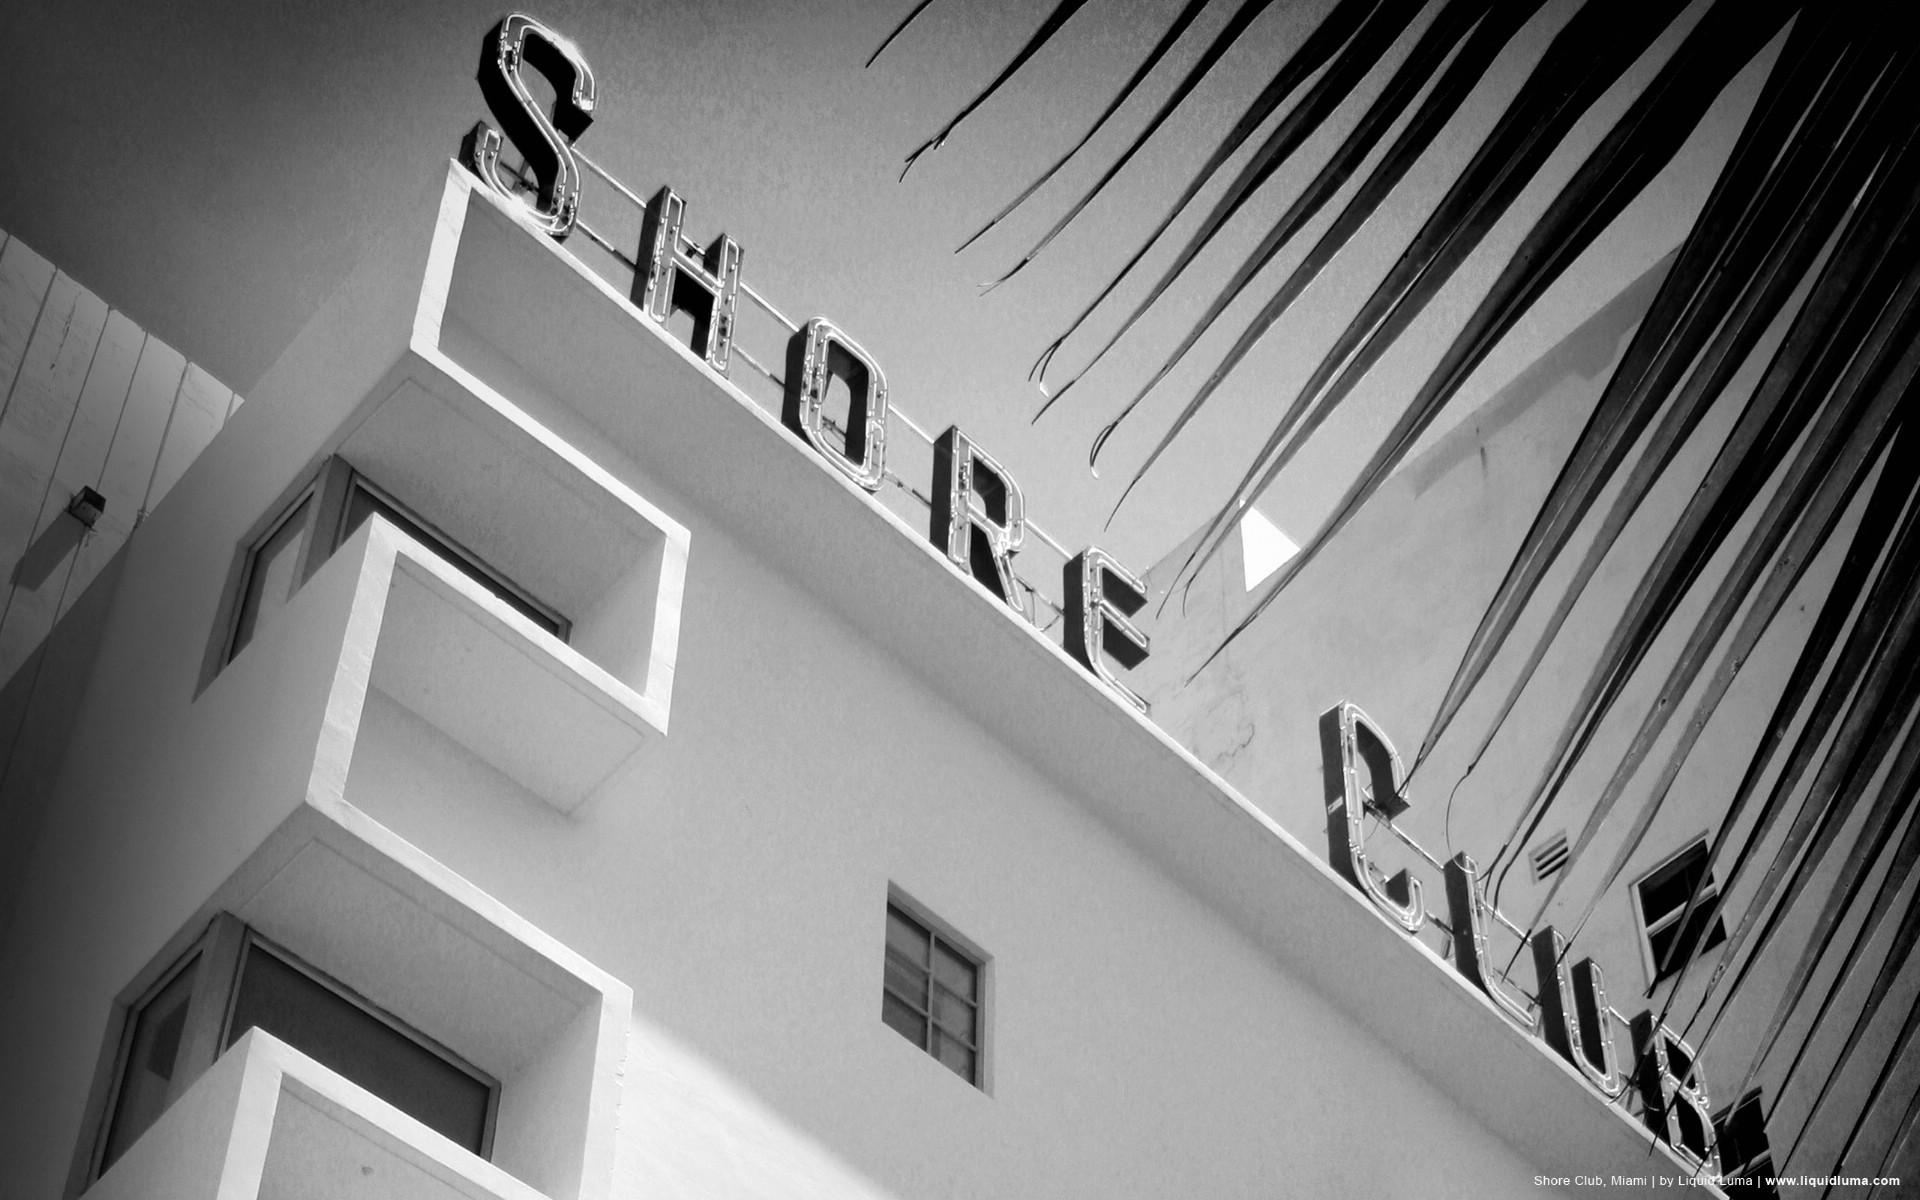 壁纸1920×1200纯粹的光影美学 人文建筑黑白摄影壁纸 Shore Club Miami 迈阿密海岸俱乐部桌面壁纸壁纸 纯粹的光影美学人文建筑黑白摄影壁纸壁纸图片人文壁纸人文图片素材桌面壁纸